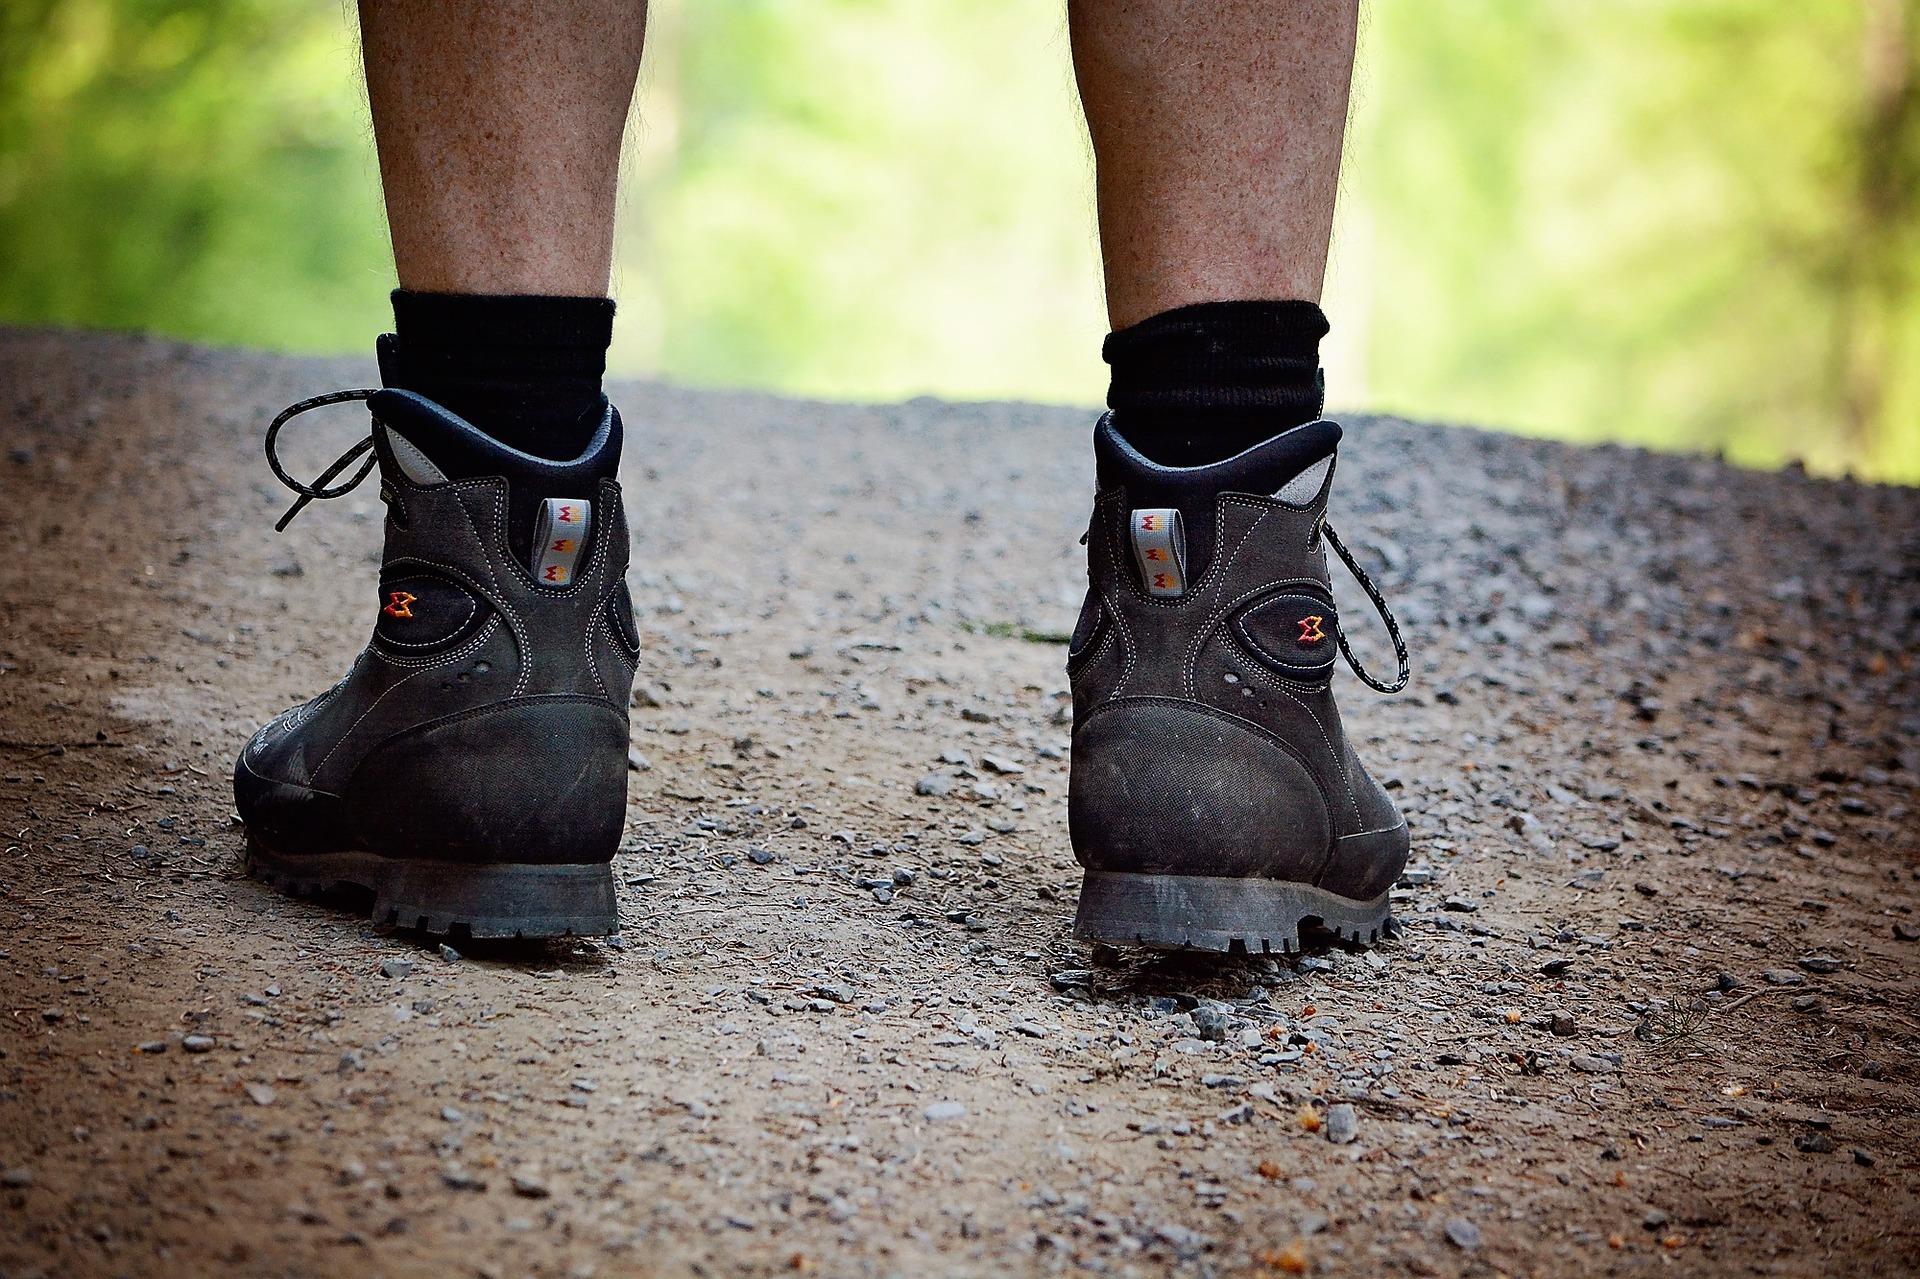 Járatlan utak? ÚJRATERVEZÉS férfiaknak! – avagy biztosan a bizonytalanban